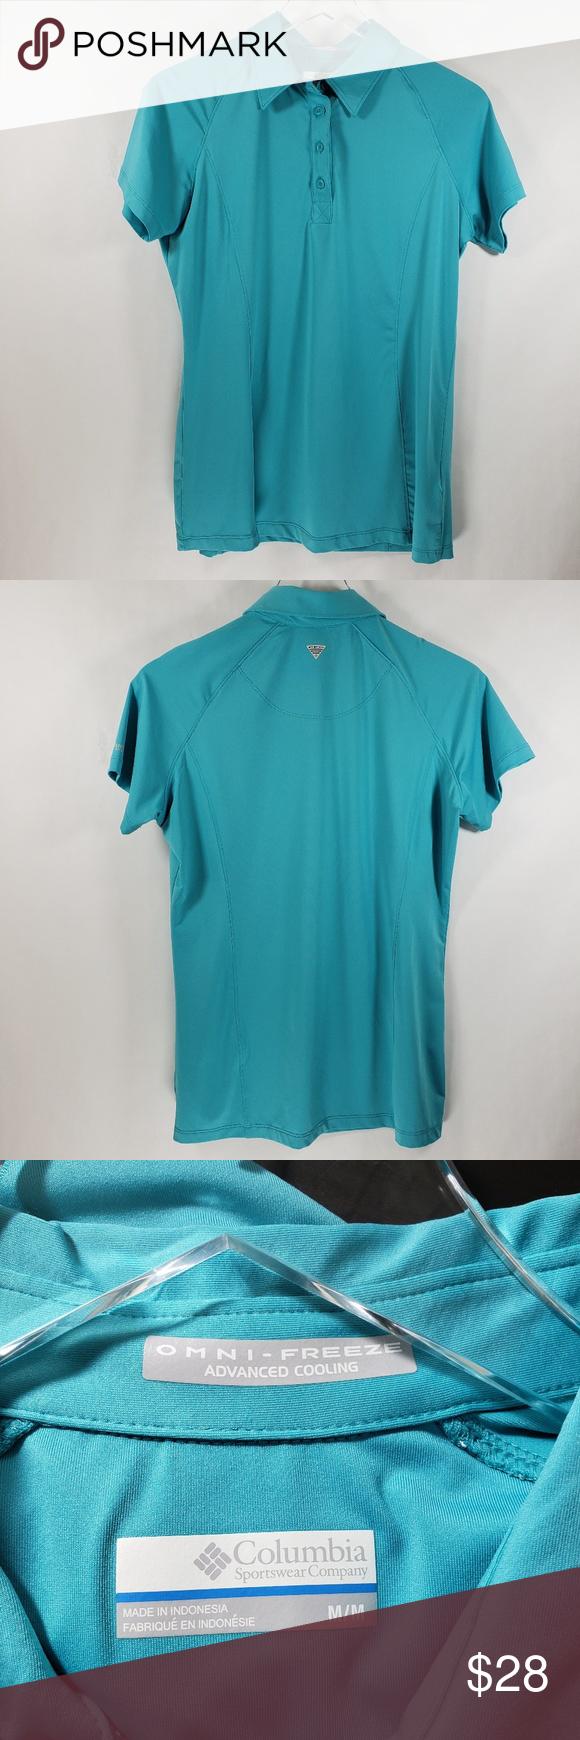 Columbia Pfg Omni Freeze Advanced Cooling Shirt Cool Shirts